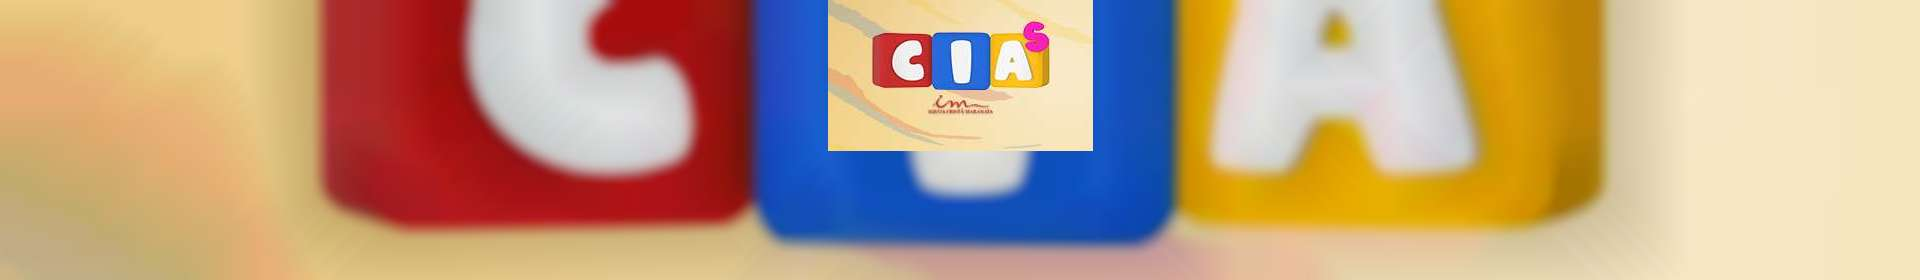 Aula de CIAS - classe de 11 a 15 anos - 24 de março de 2020